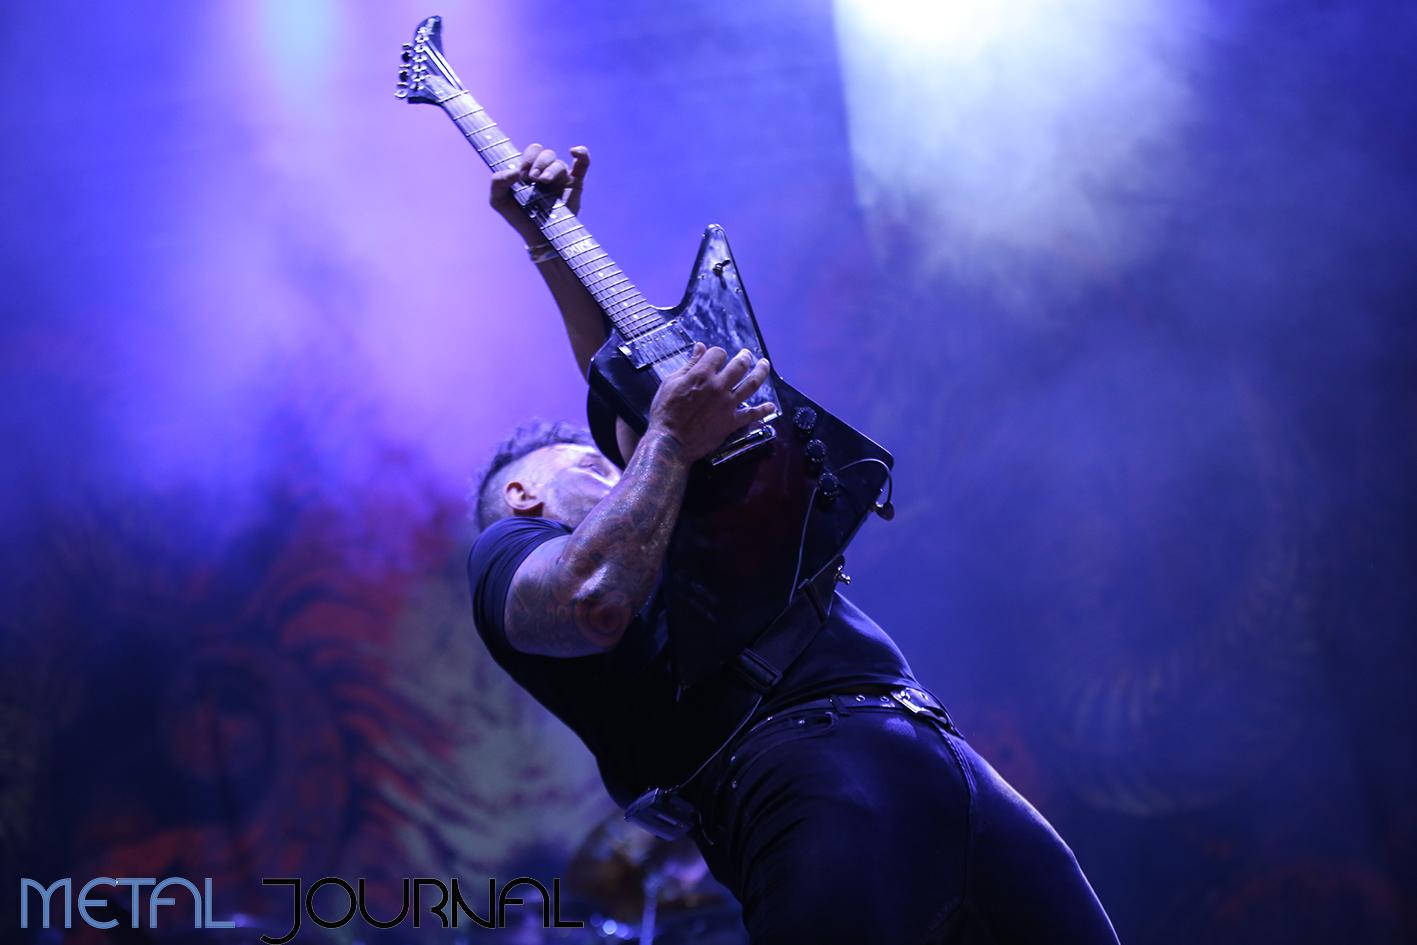 koma - leyendas del rock 2019 metal journal pic 1